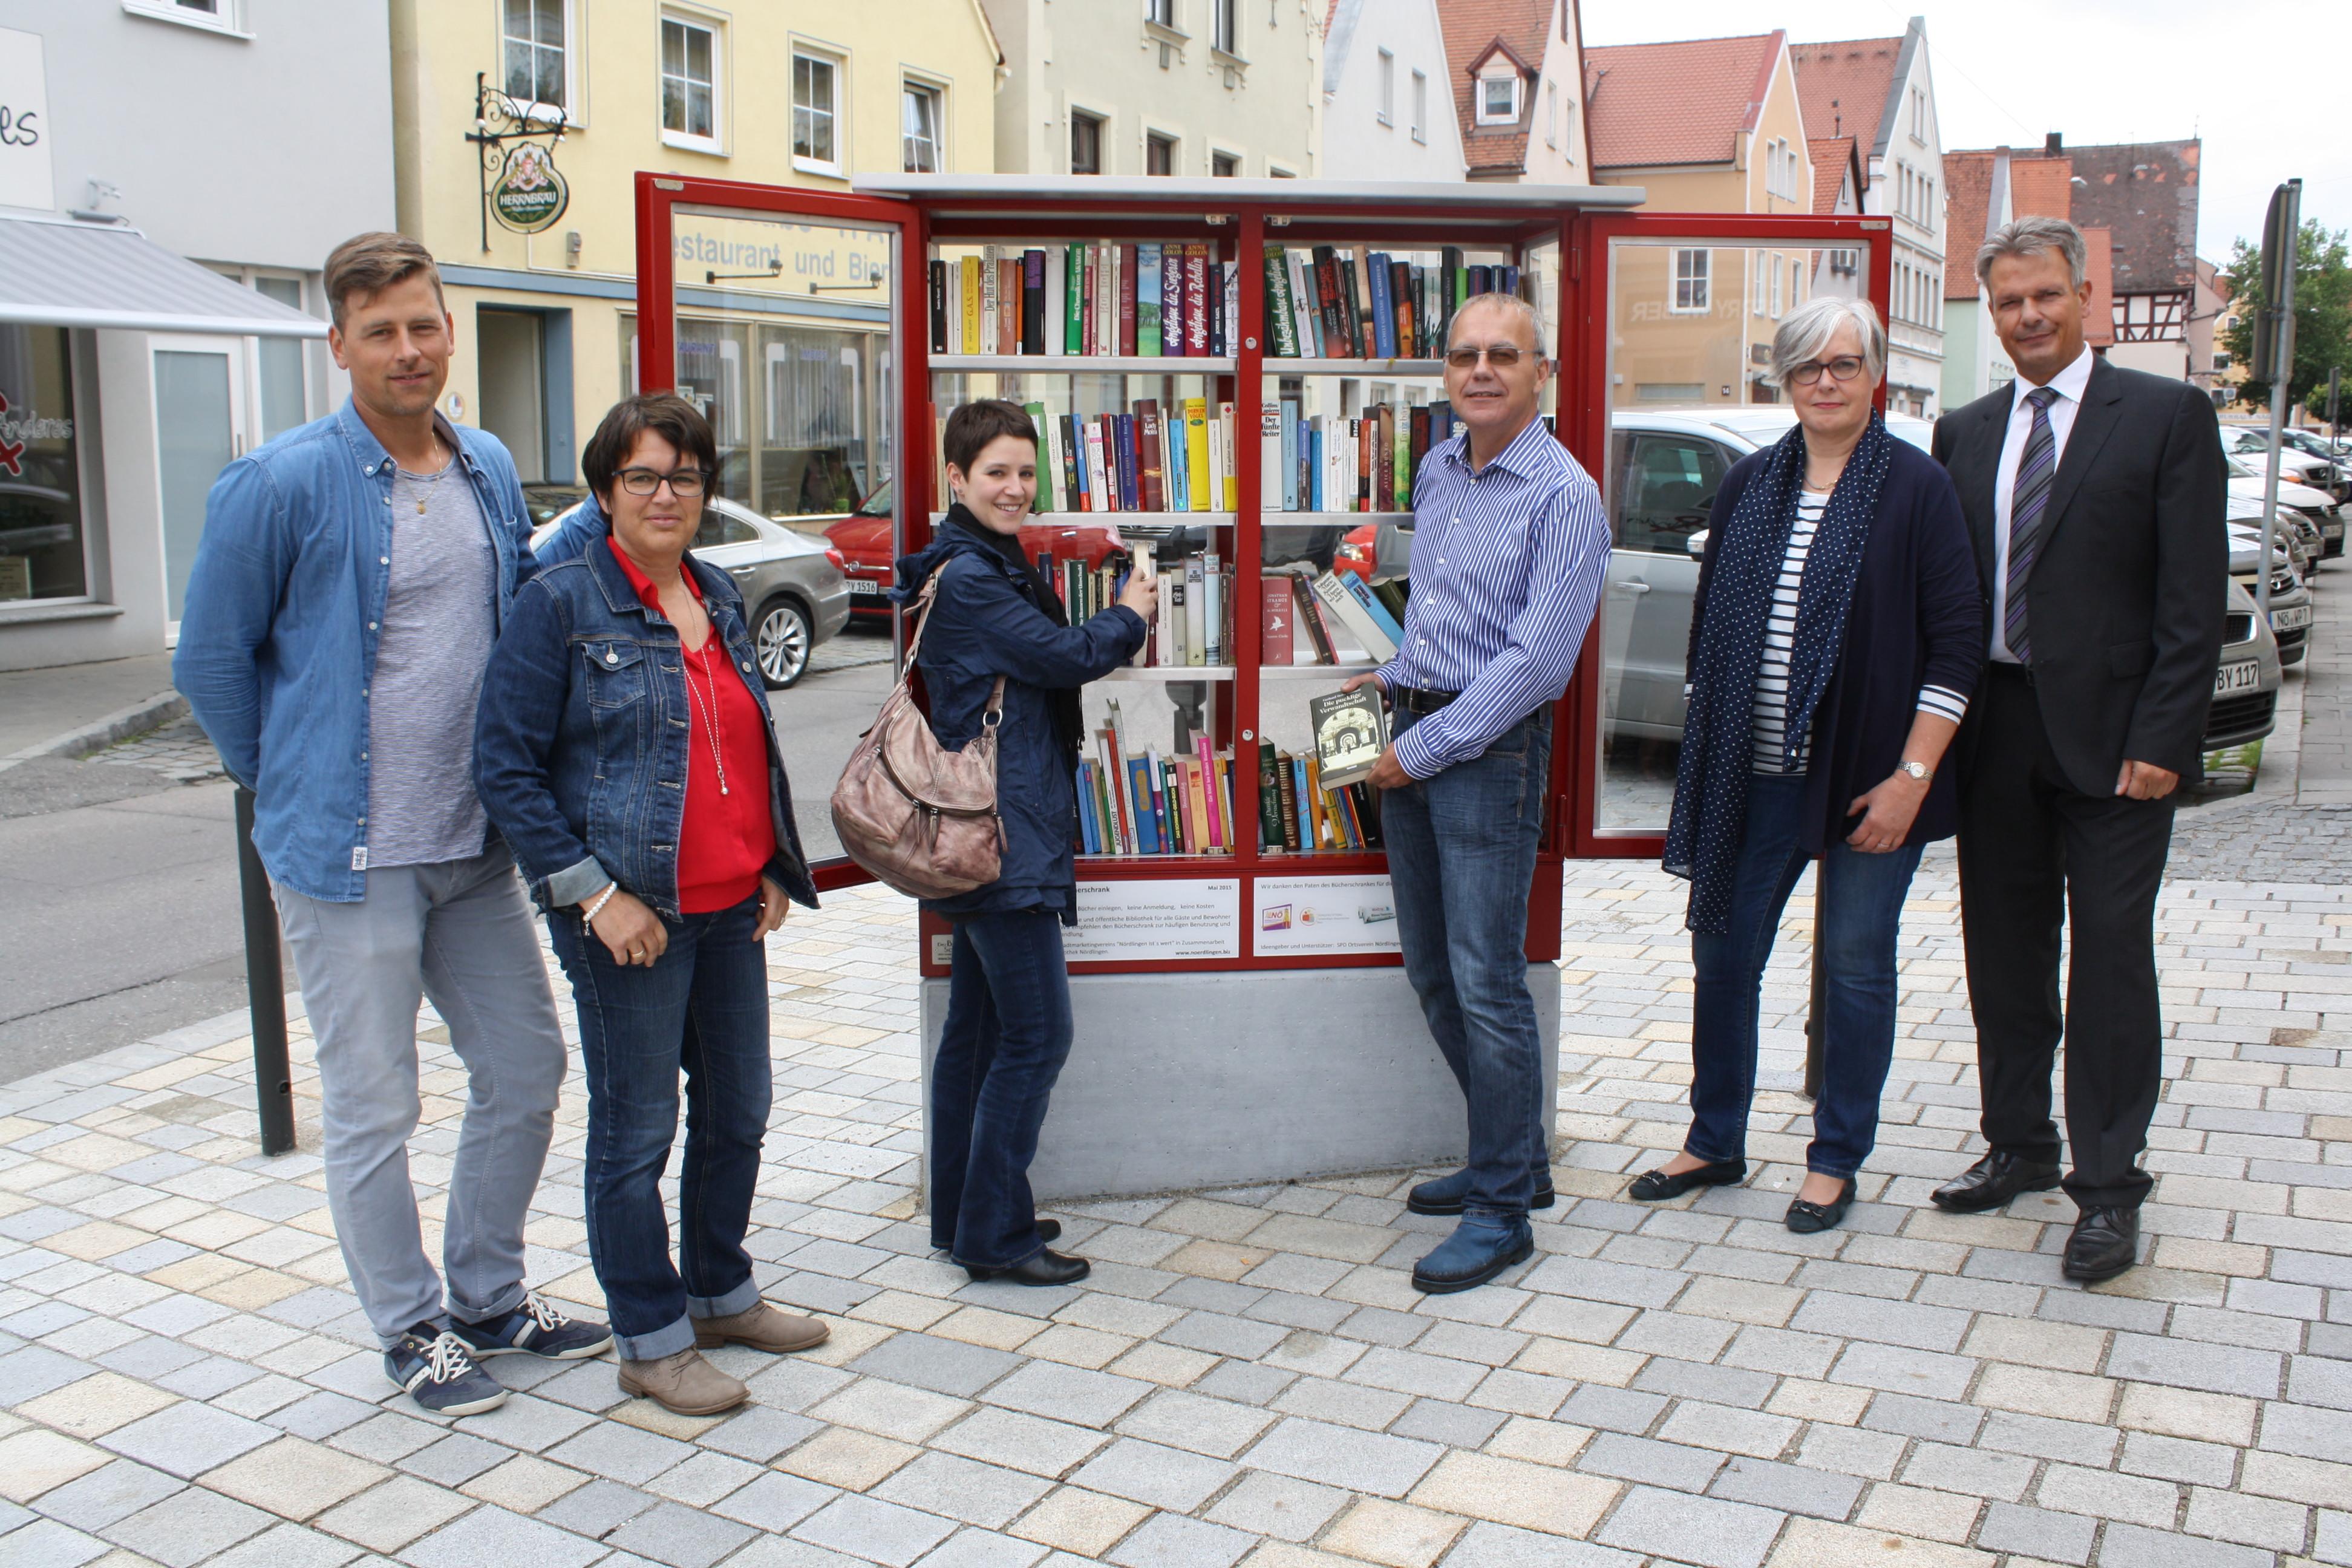 Parick Behringer, Susanne Vierkorn, Kathrin Häffner, Karl Schaffer, Astrid Grunert und Sandro Weber